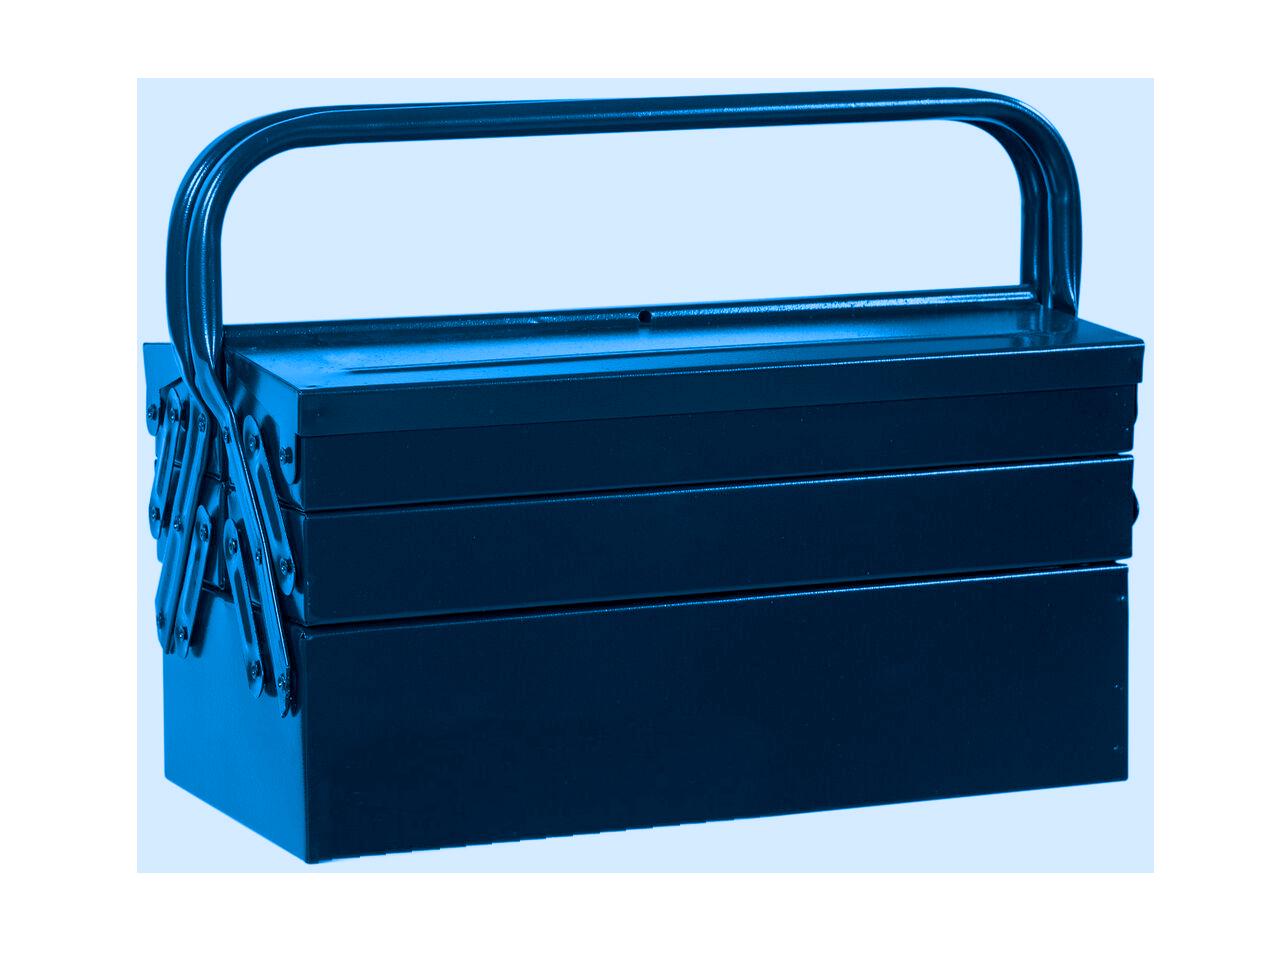 100BAS – Caixa Basic Sanfonada, 500mm, com 5 Gavetas